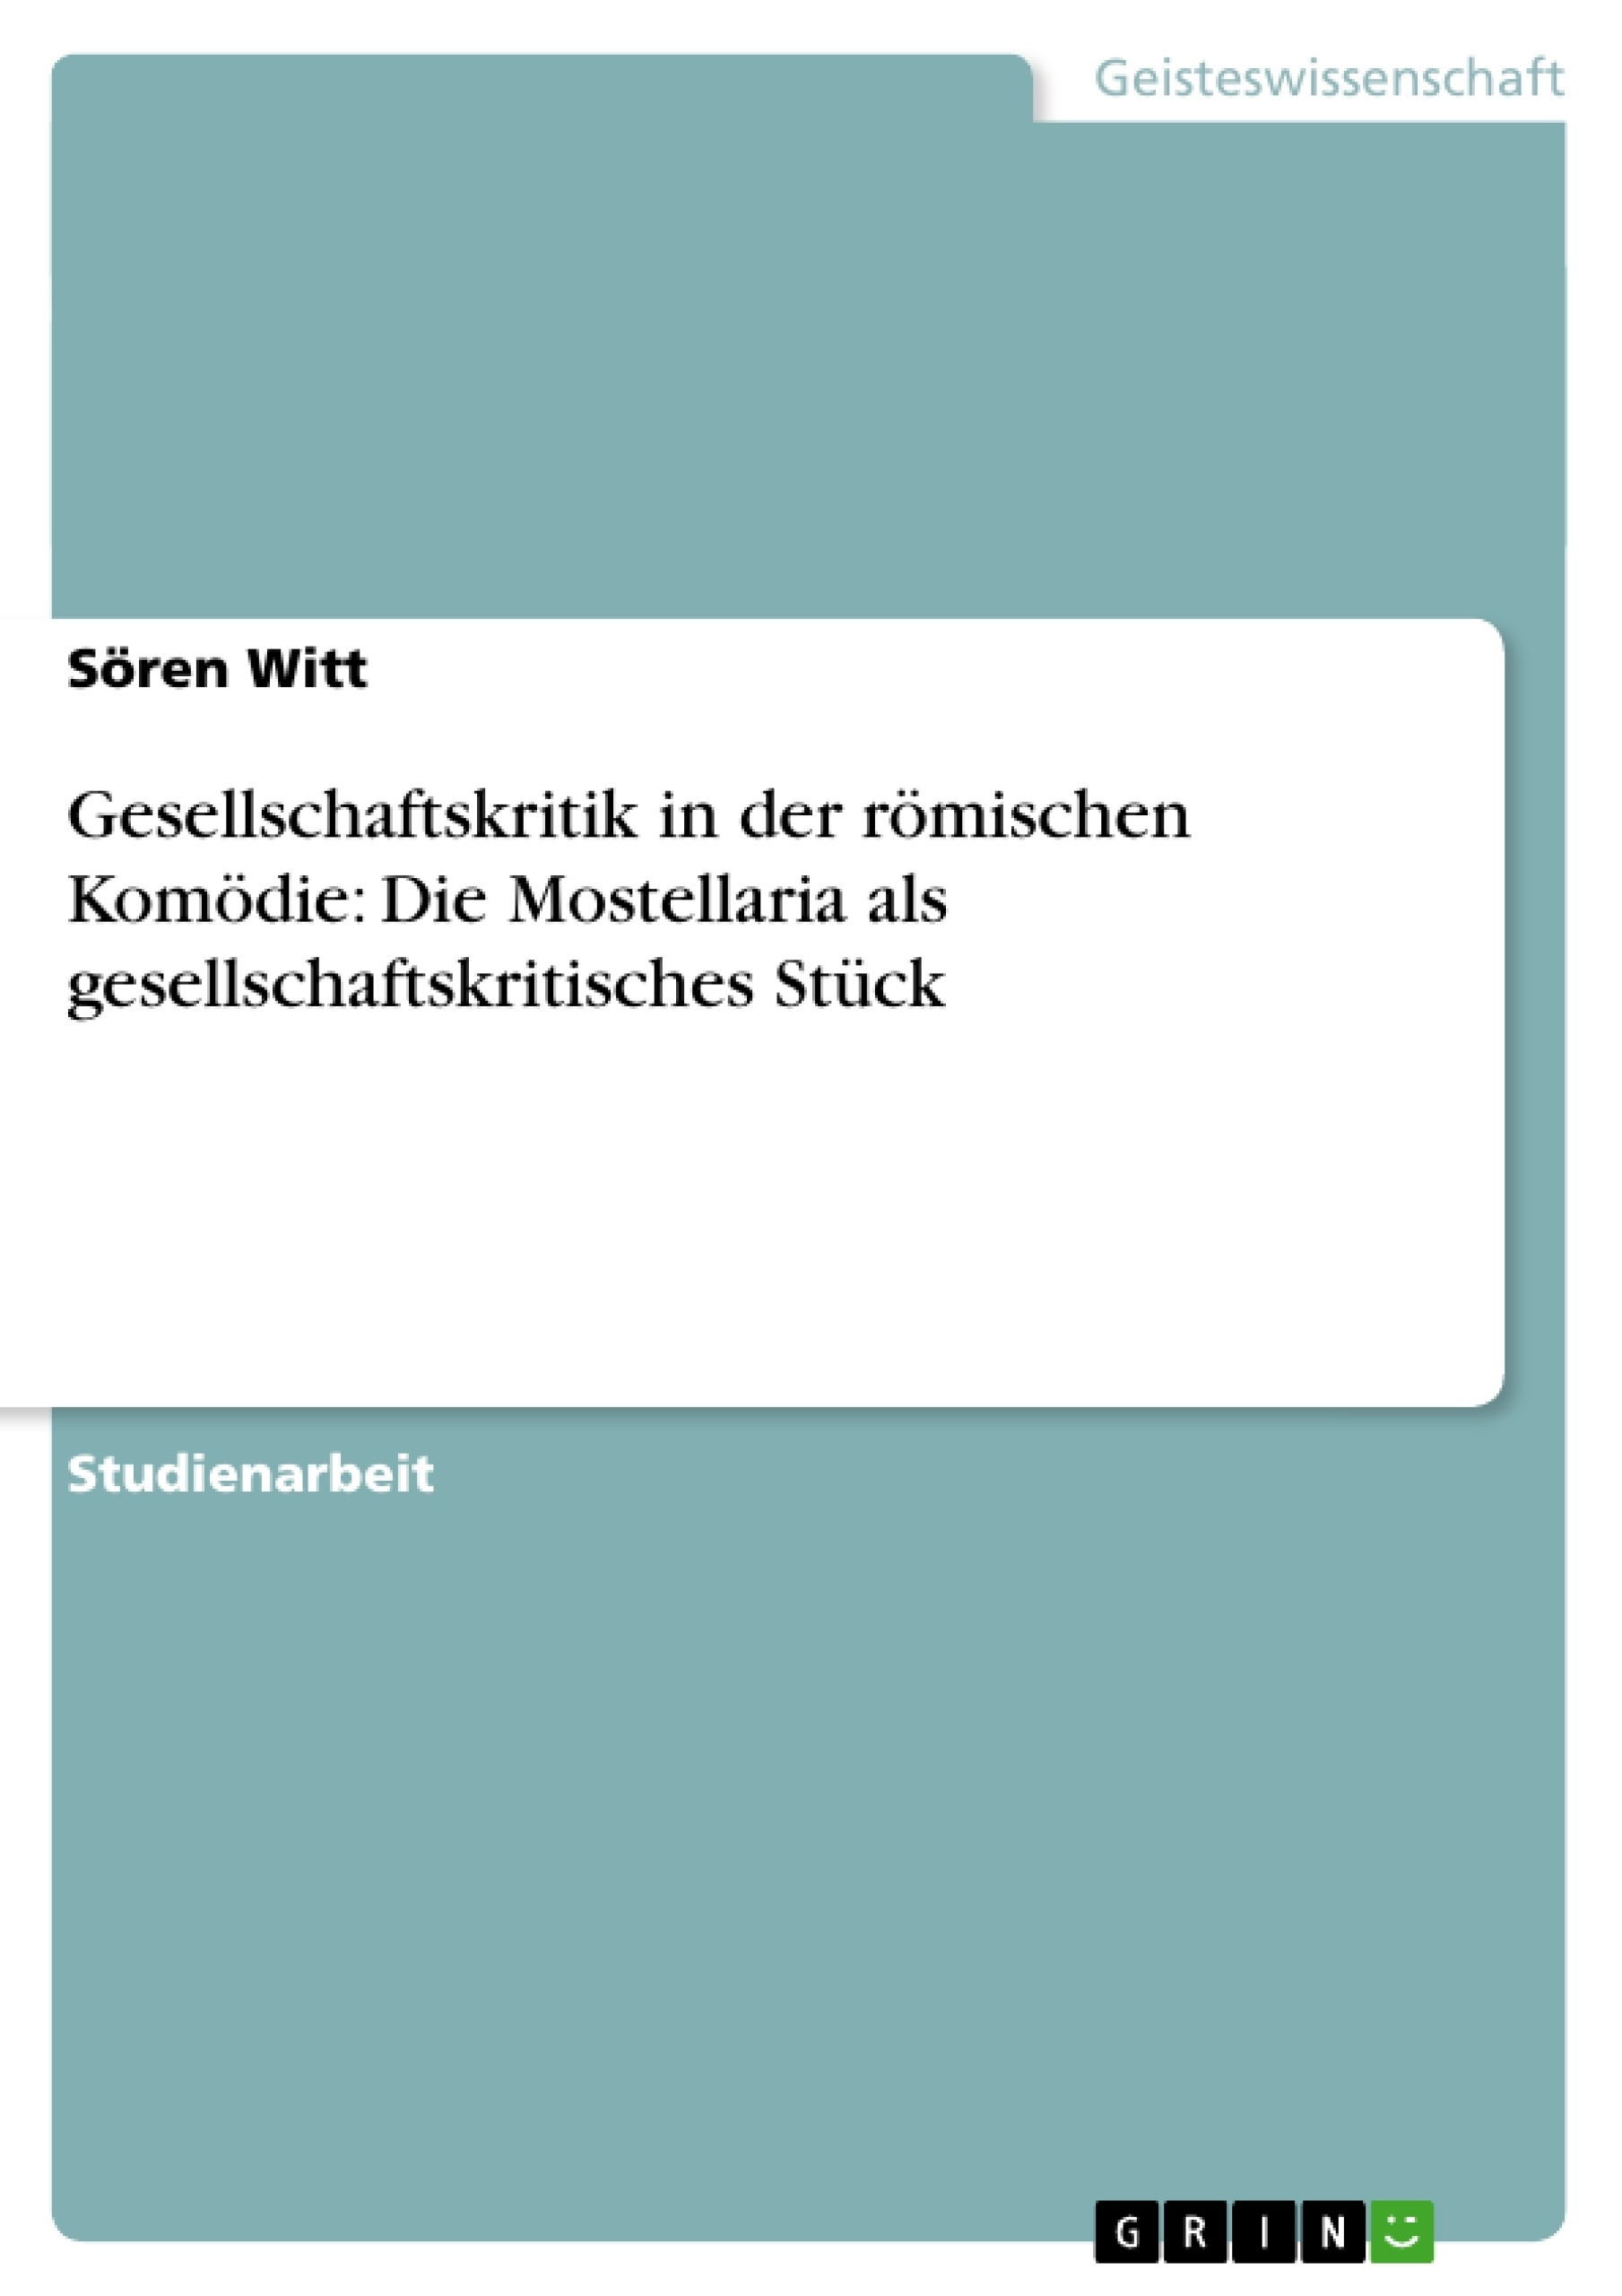 Titel: Gesellschaftskritik in der römischen Komödie: Die Mostellaria als gesellschaftskritisches Stück